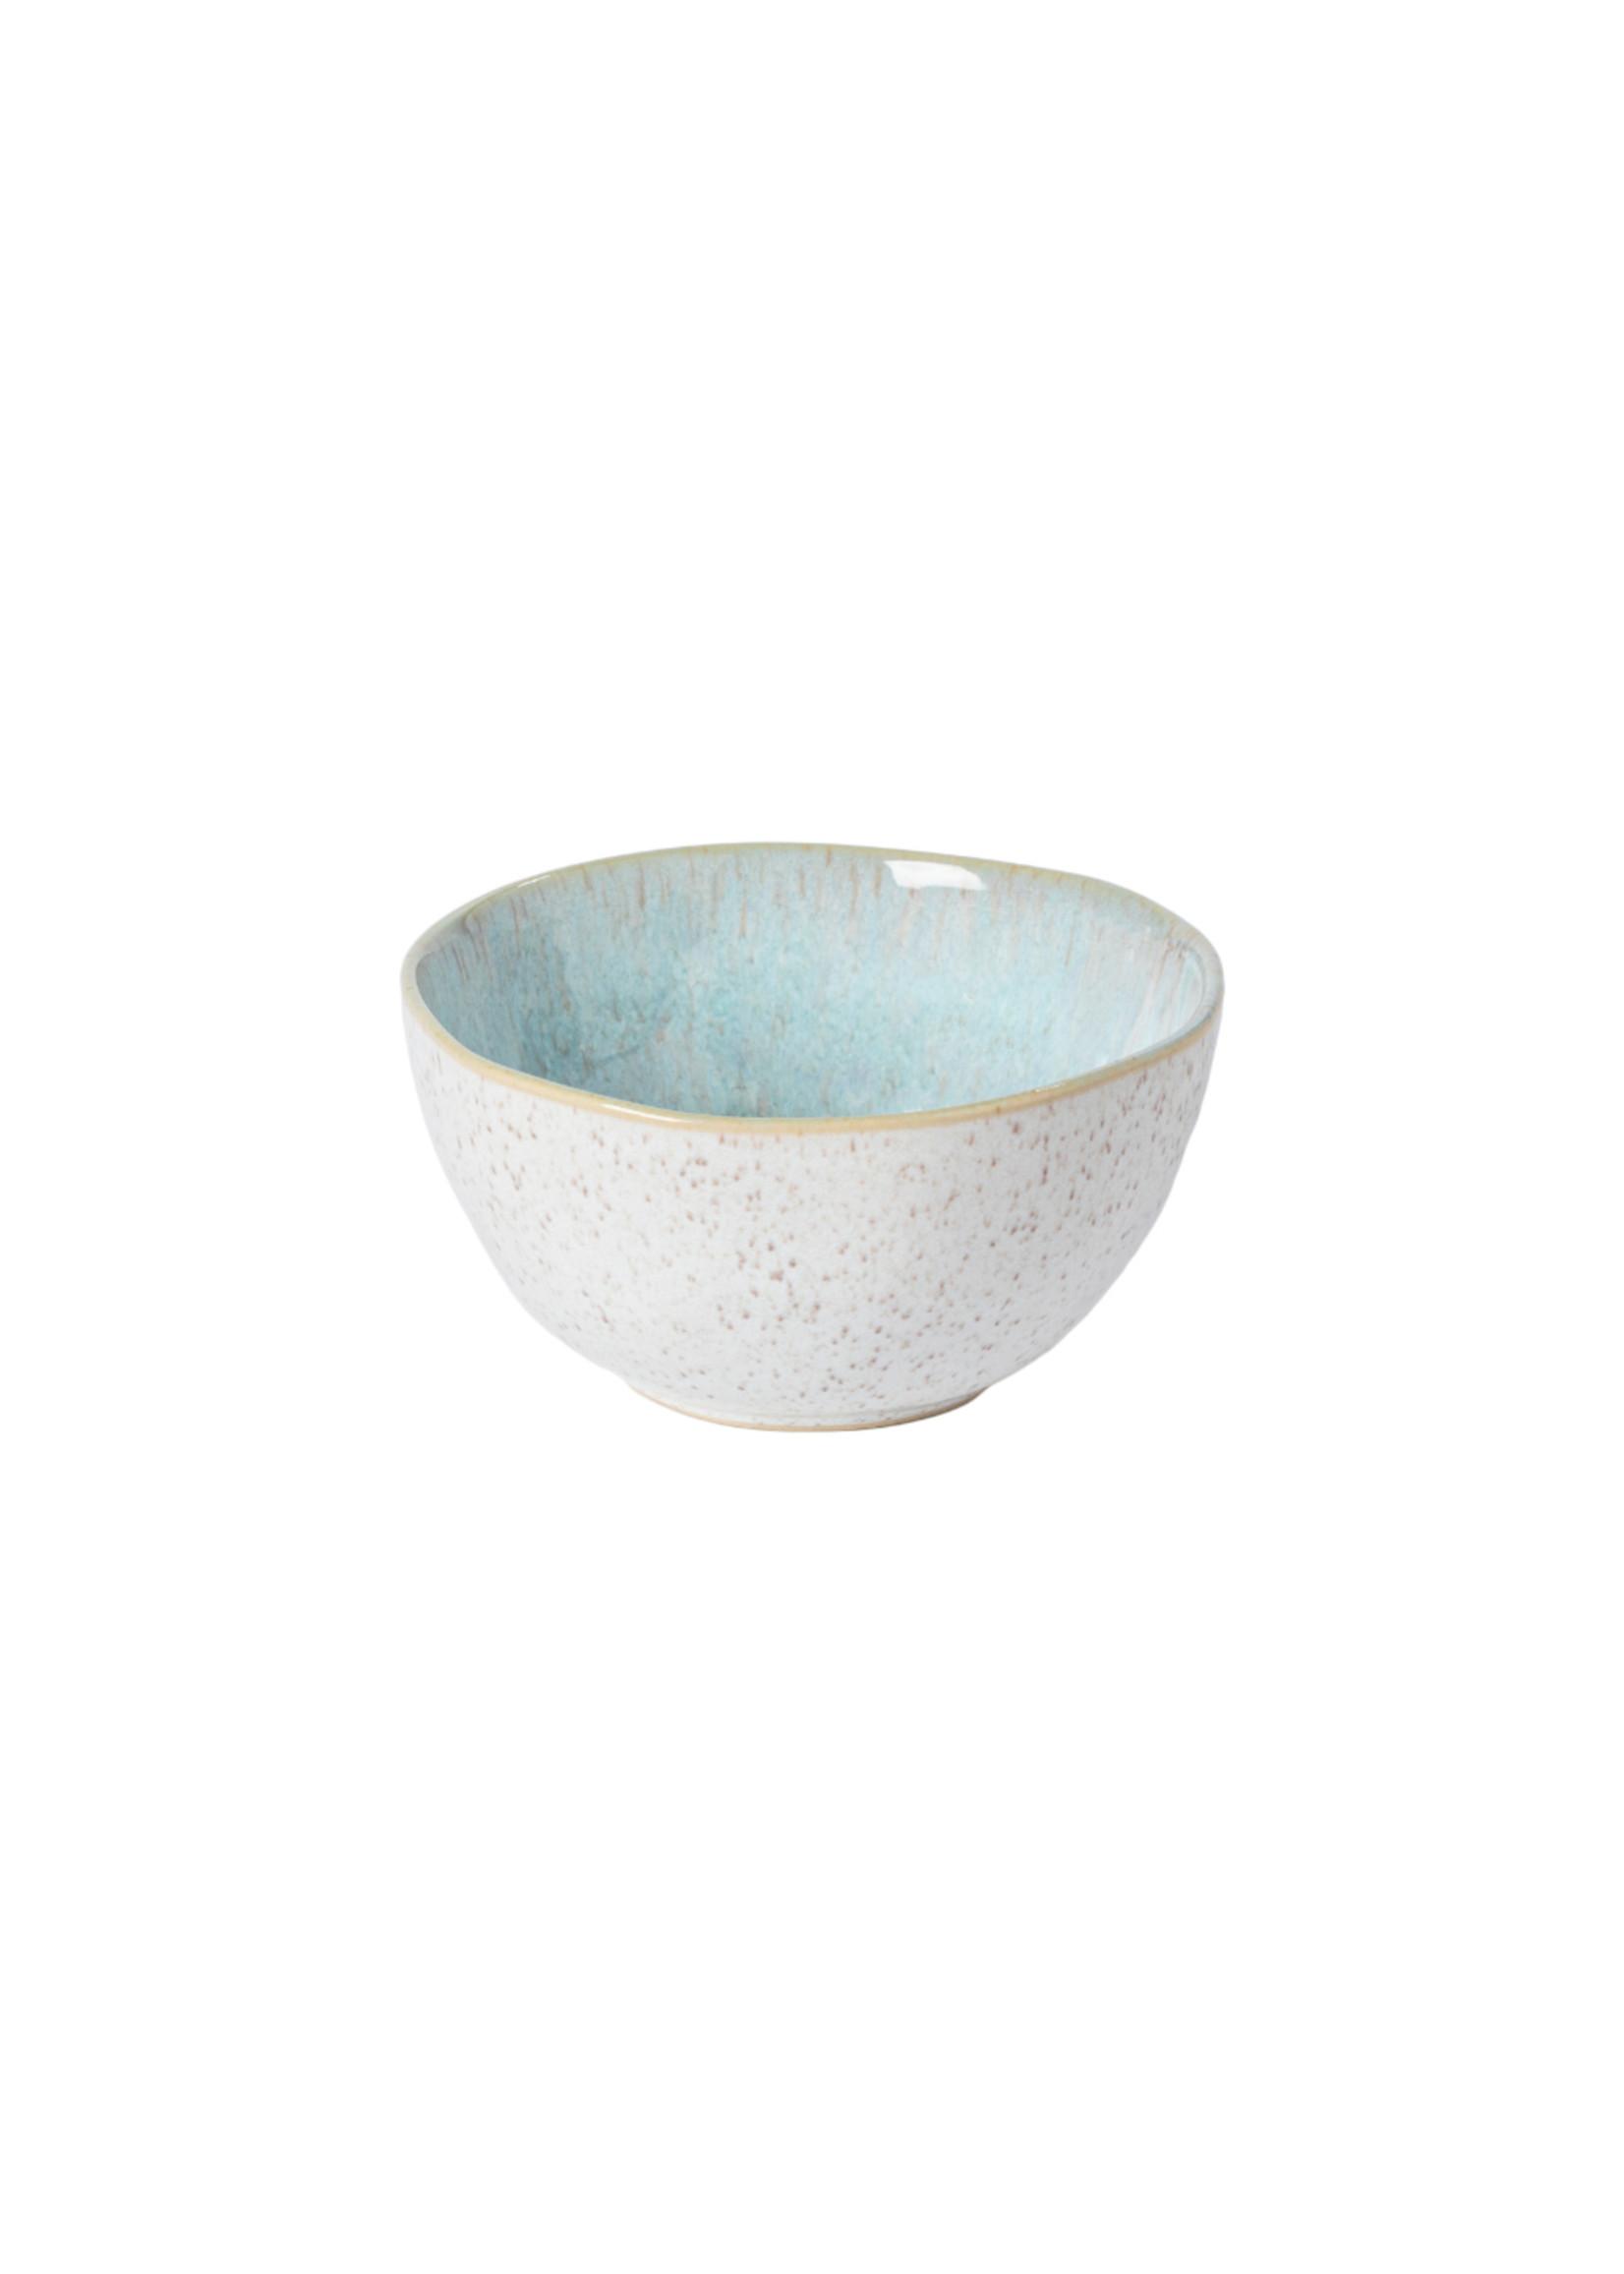 Casafina Eivissa Cereal Bowl